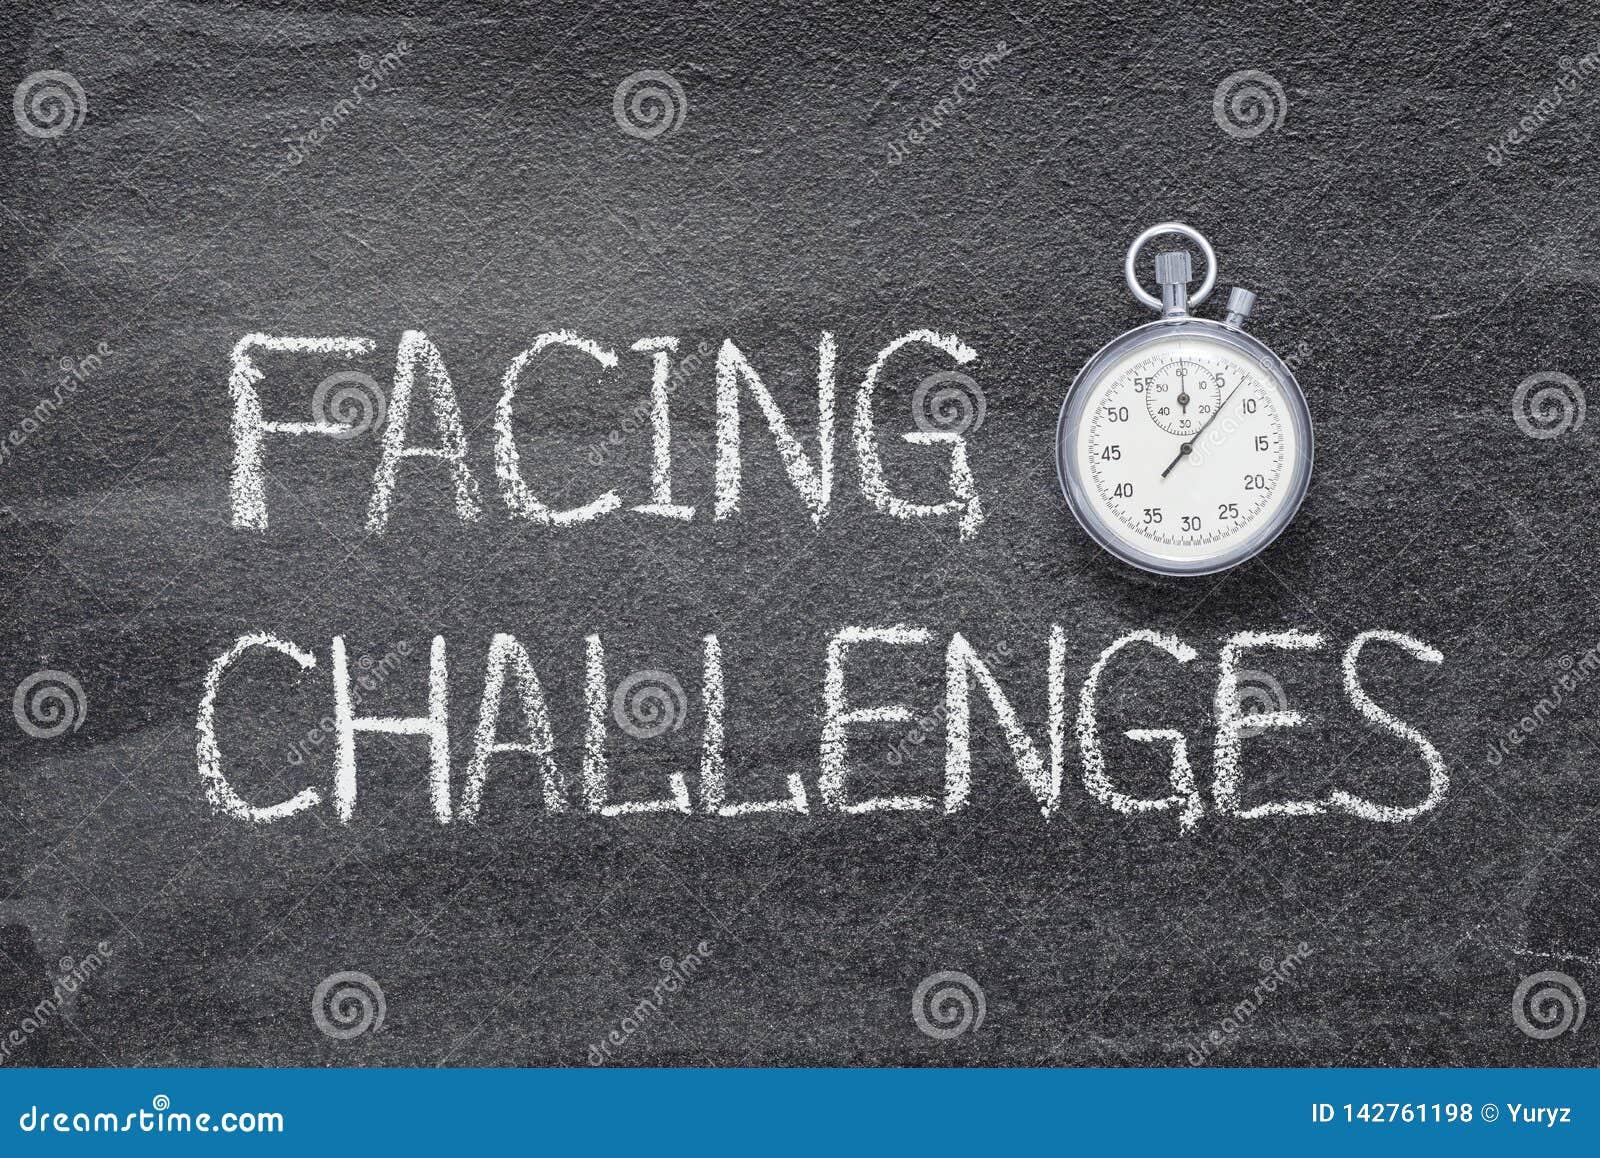 Okładzinowy wyzwanie zegarek